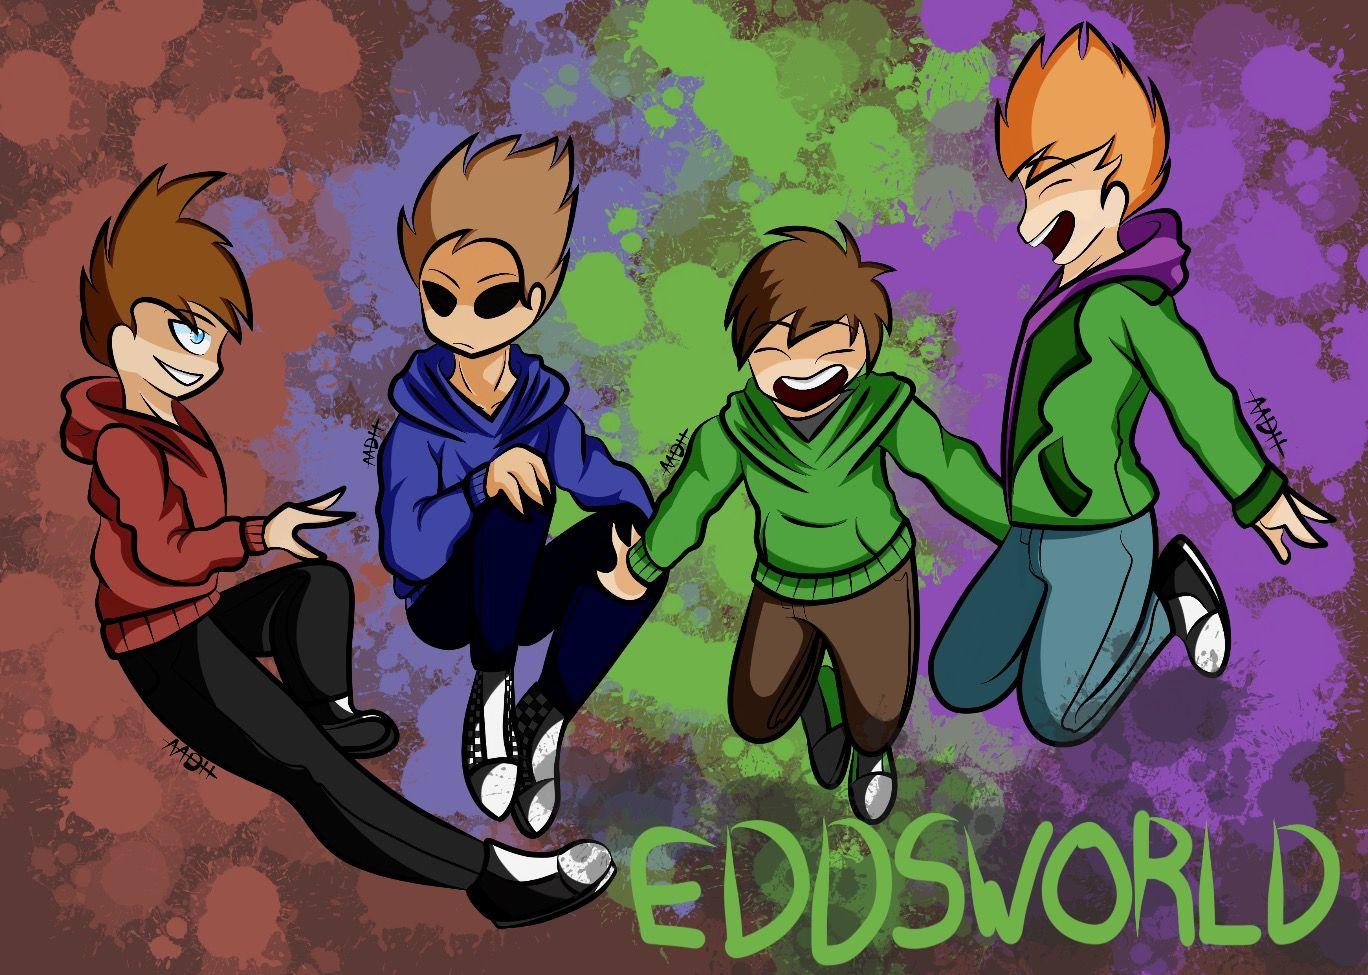 I wanted to draw them again #eddsworld #edd #matt #tord #tom